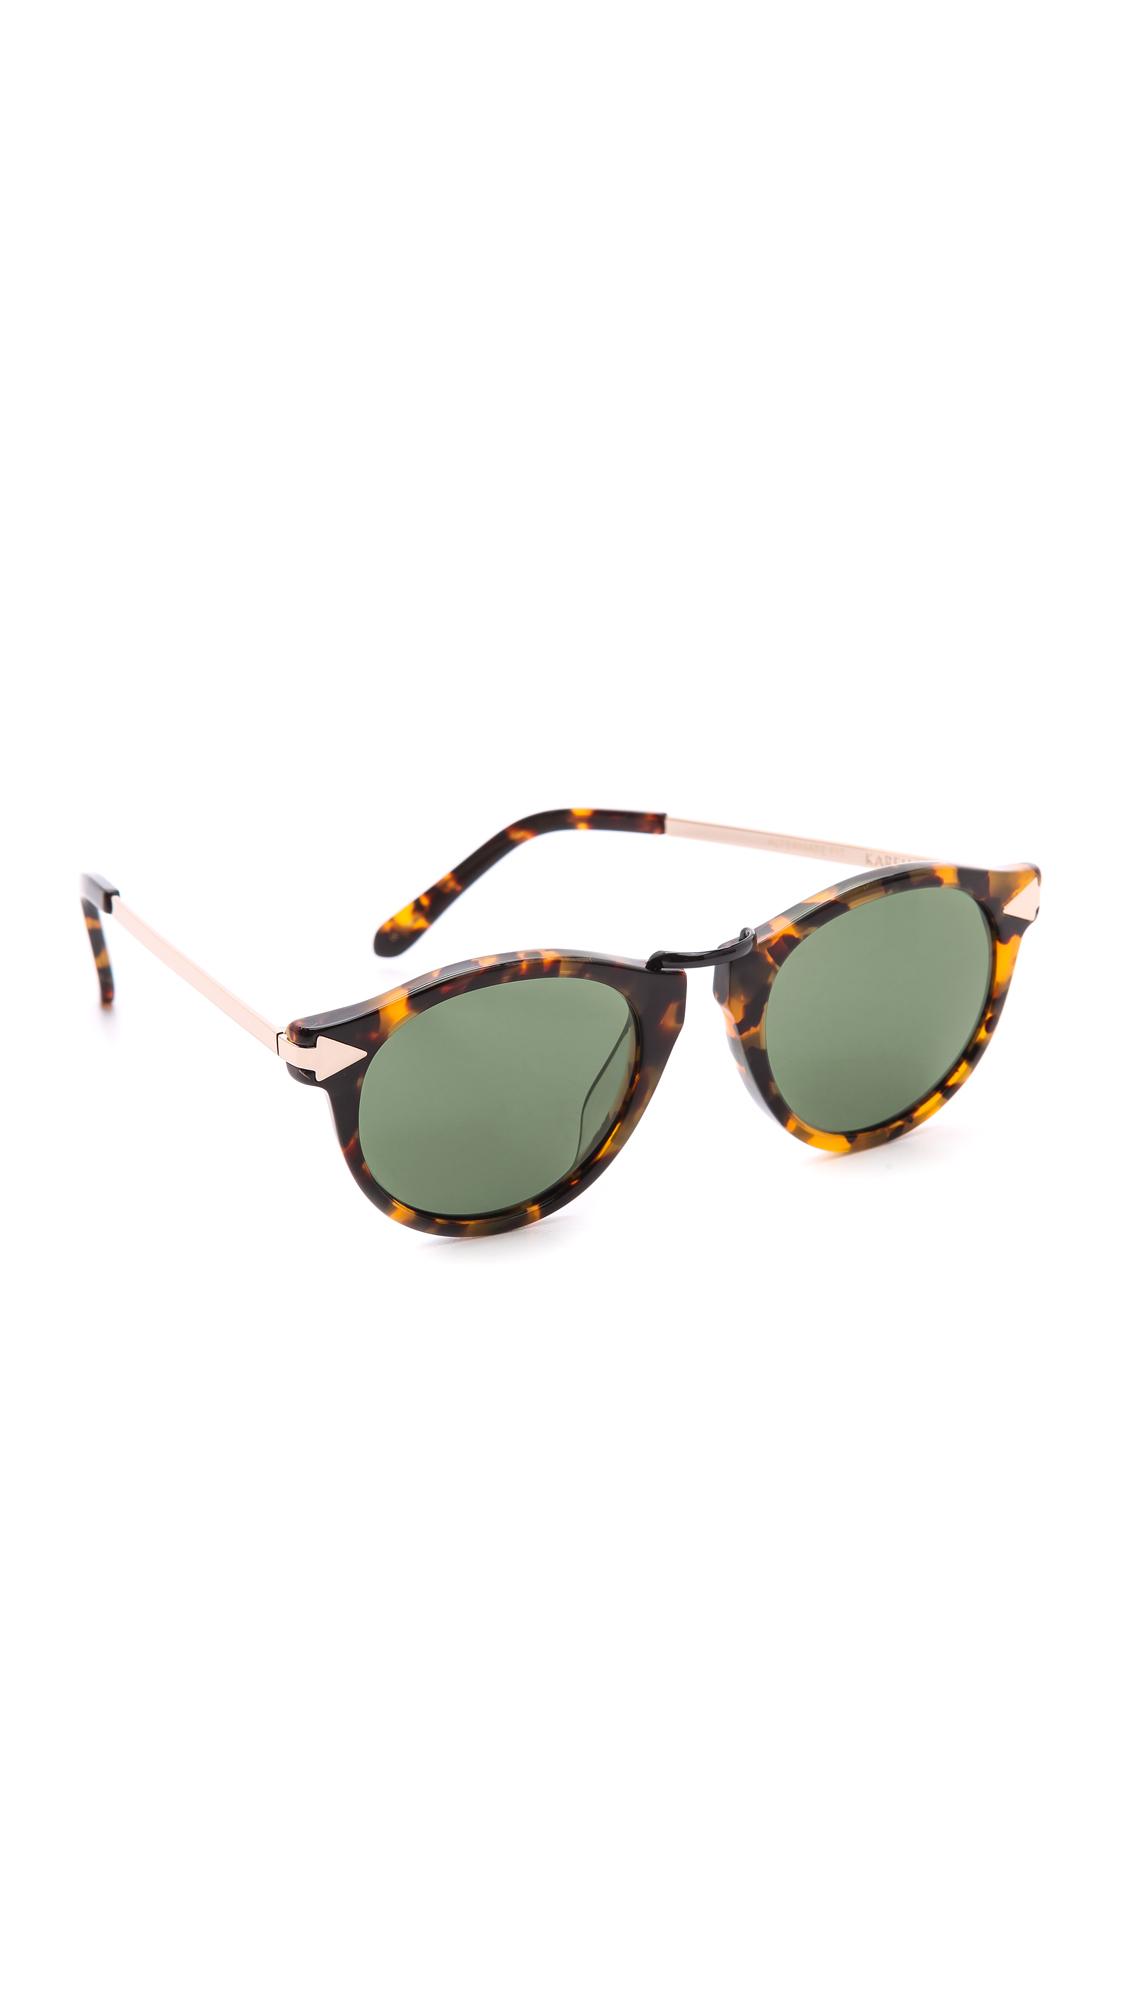 ba13e34f28f Karen Walker Special Fit Helter Skelter Sunglasses - Crazy Tort G15 Mono